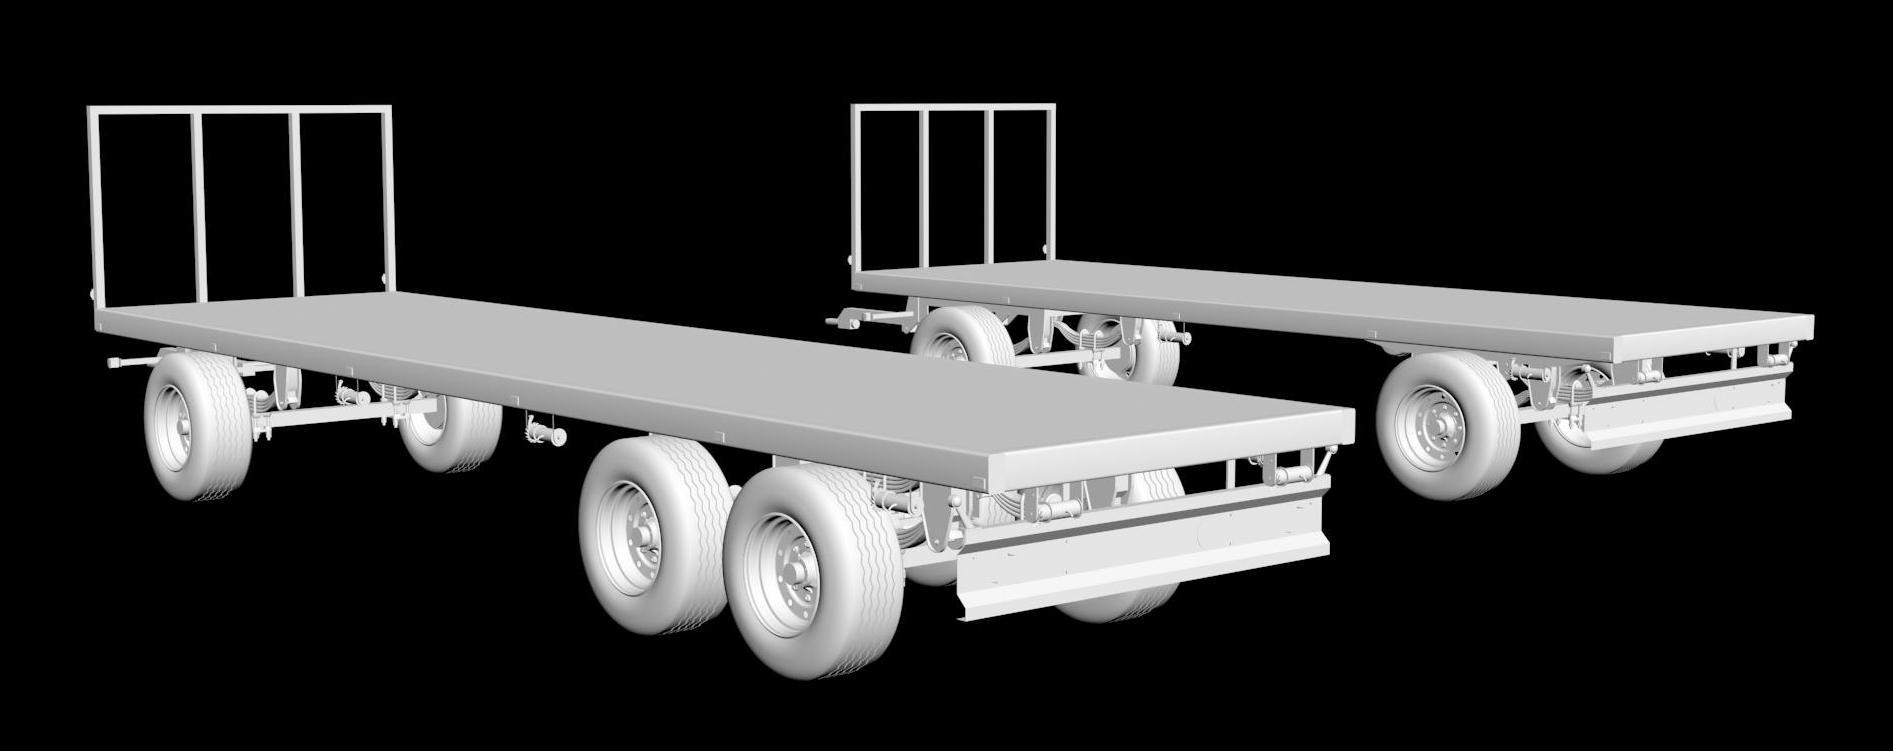 [Encuesta][T.E.P.] Proyecto Aguas Tenias (22 modelos + 1 Camión) [Terminado 21-4-2014]. - Página 4 42s8kqg